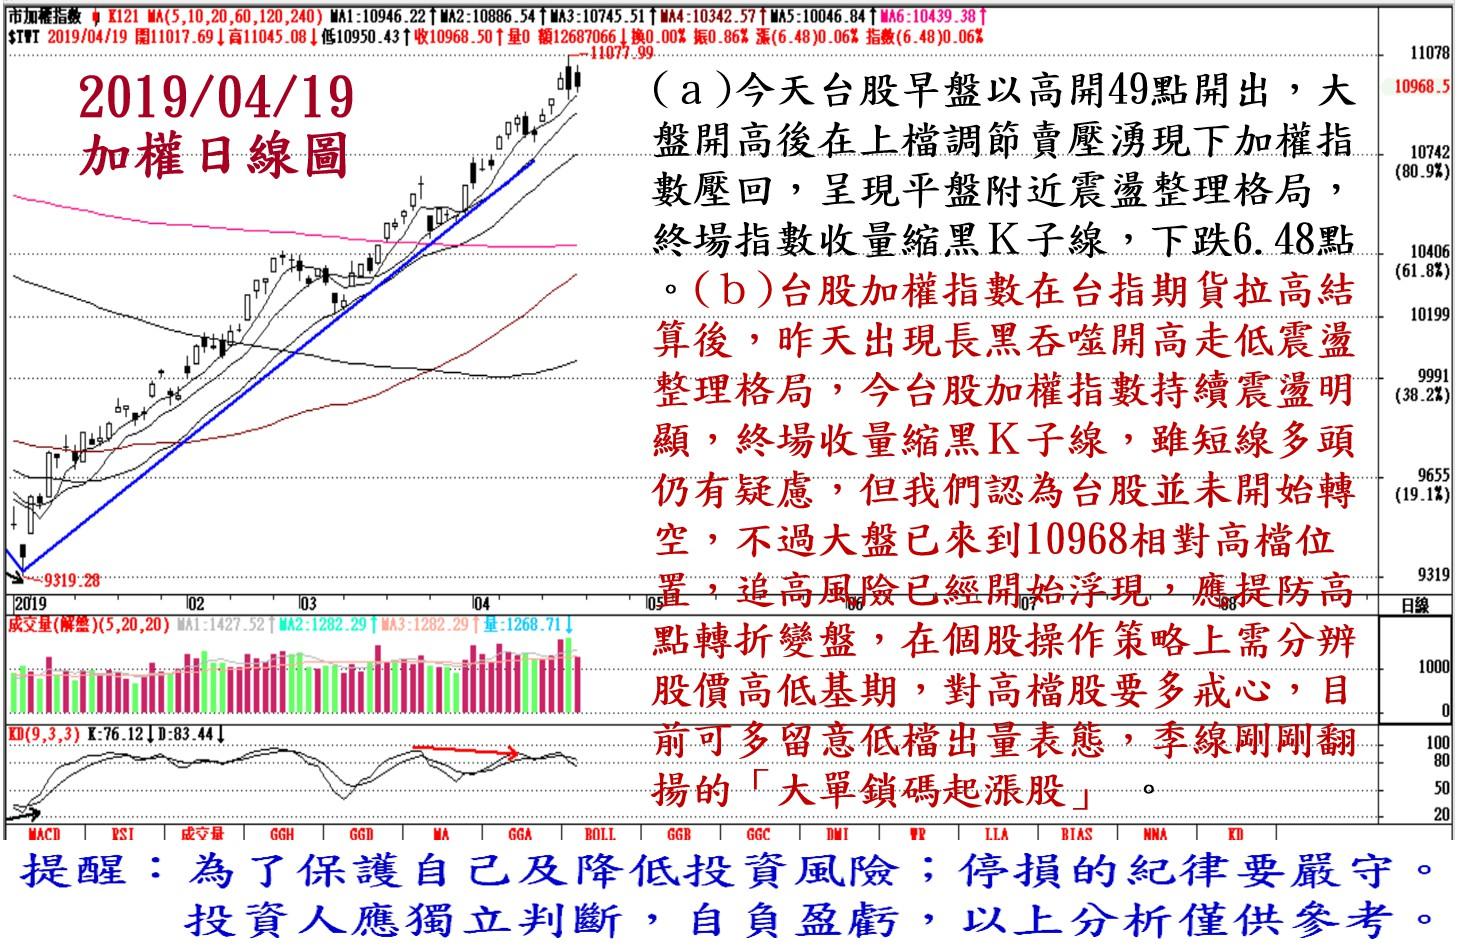 2019年4月19日台股大盤解析